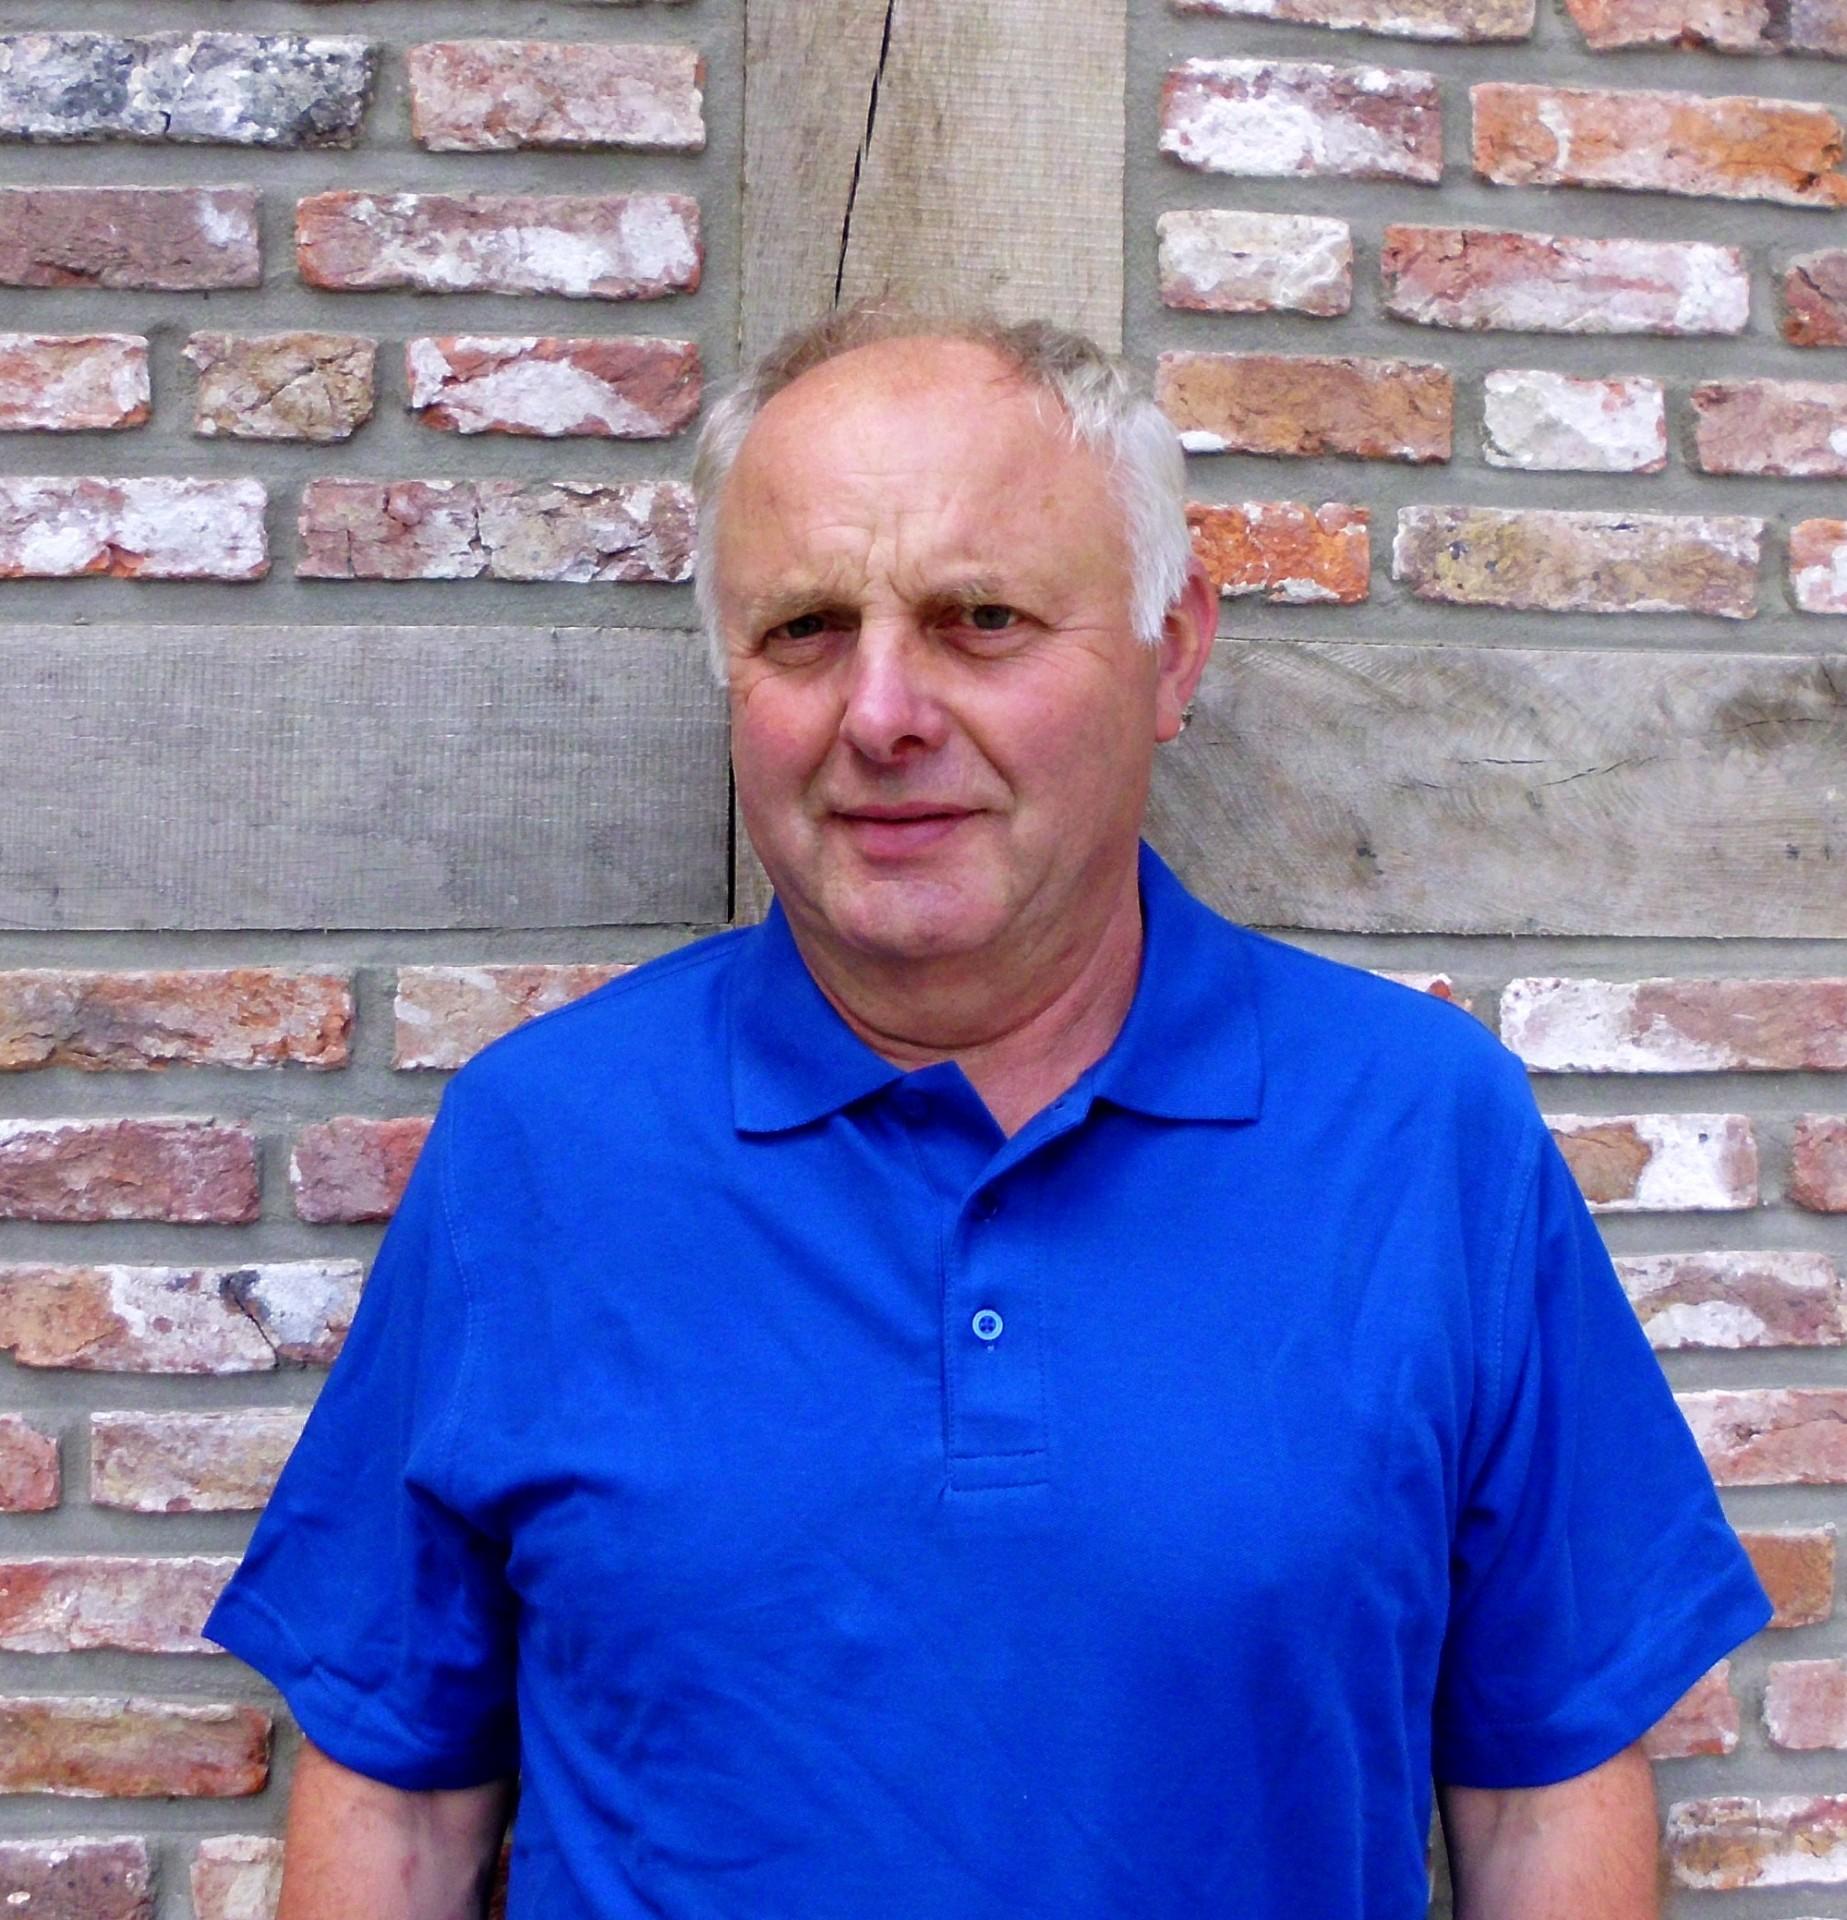 Karl-Heinz Smolny